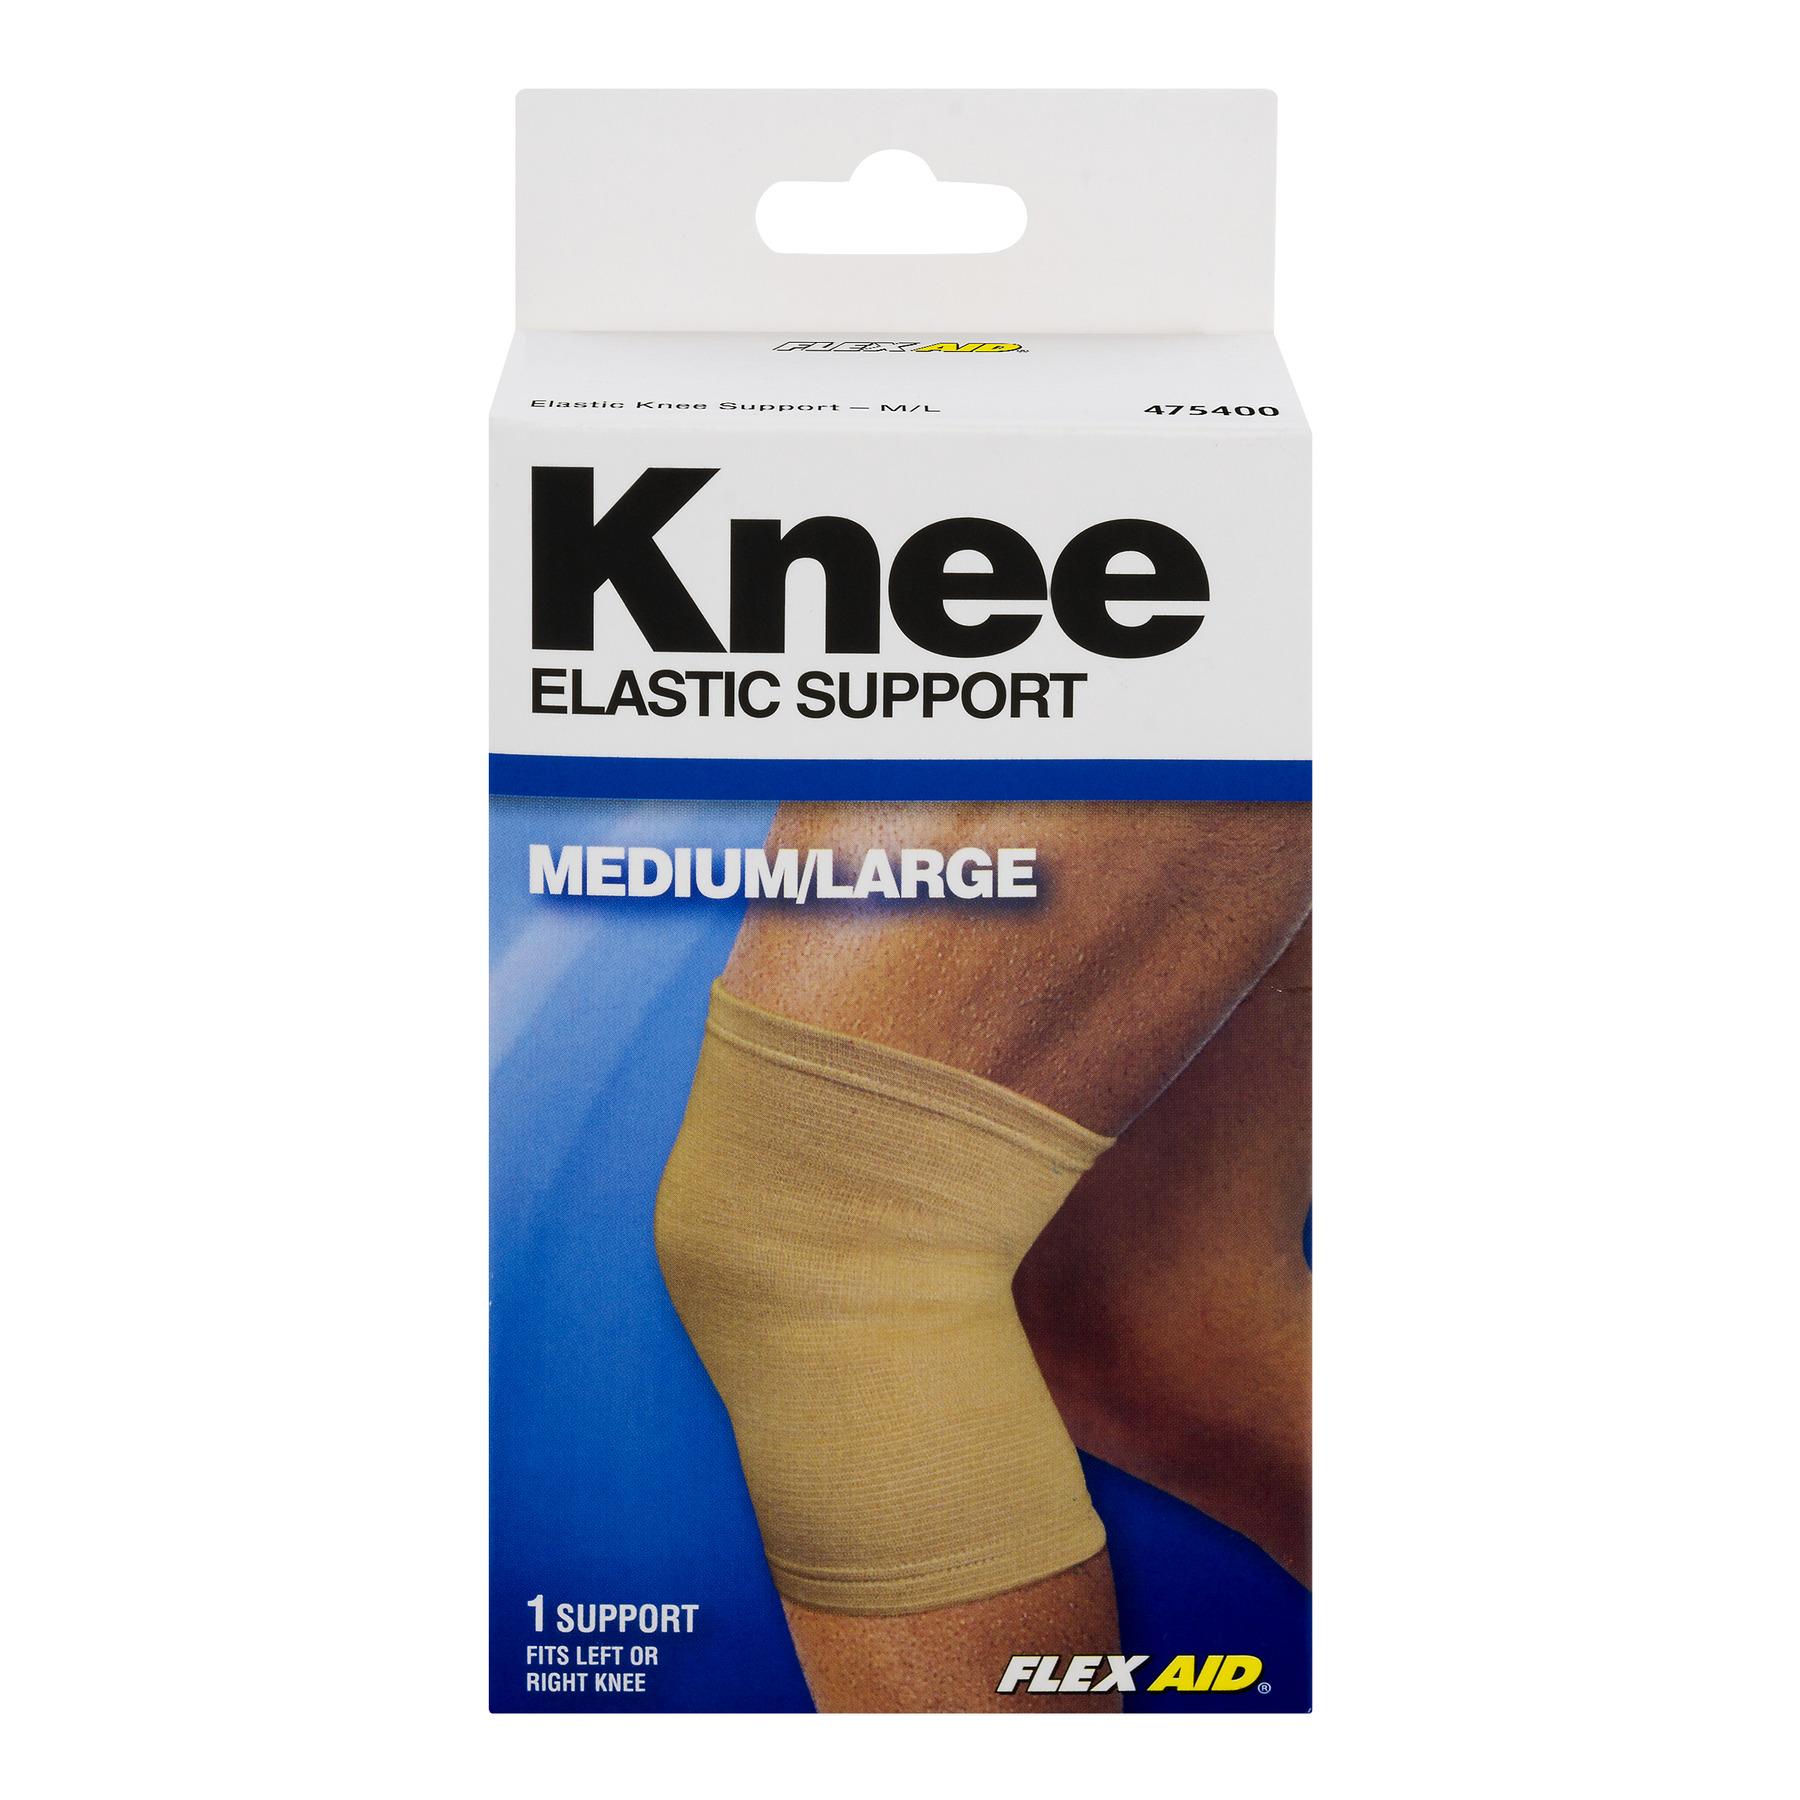 Flex Aid Knee Elastic Support Medium/Large, 1.0 CT